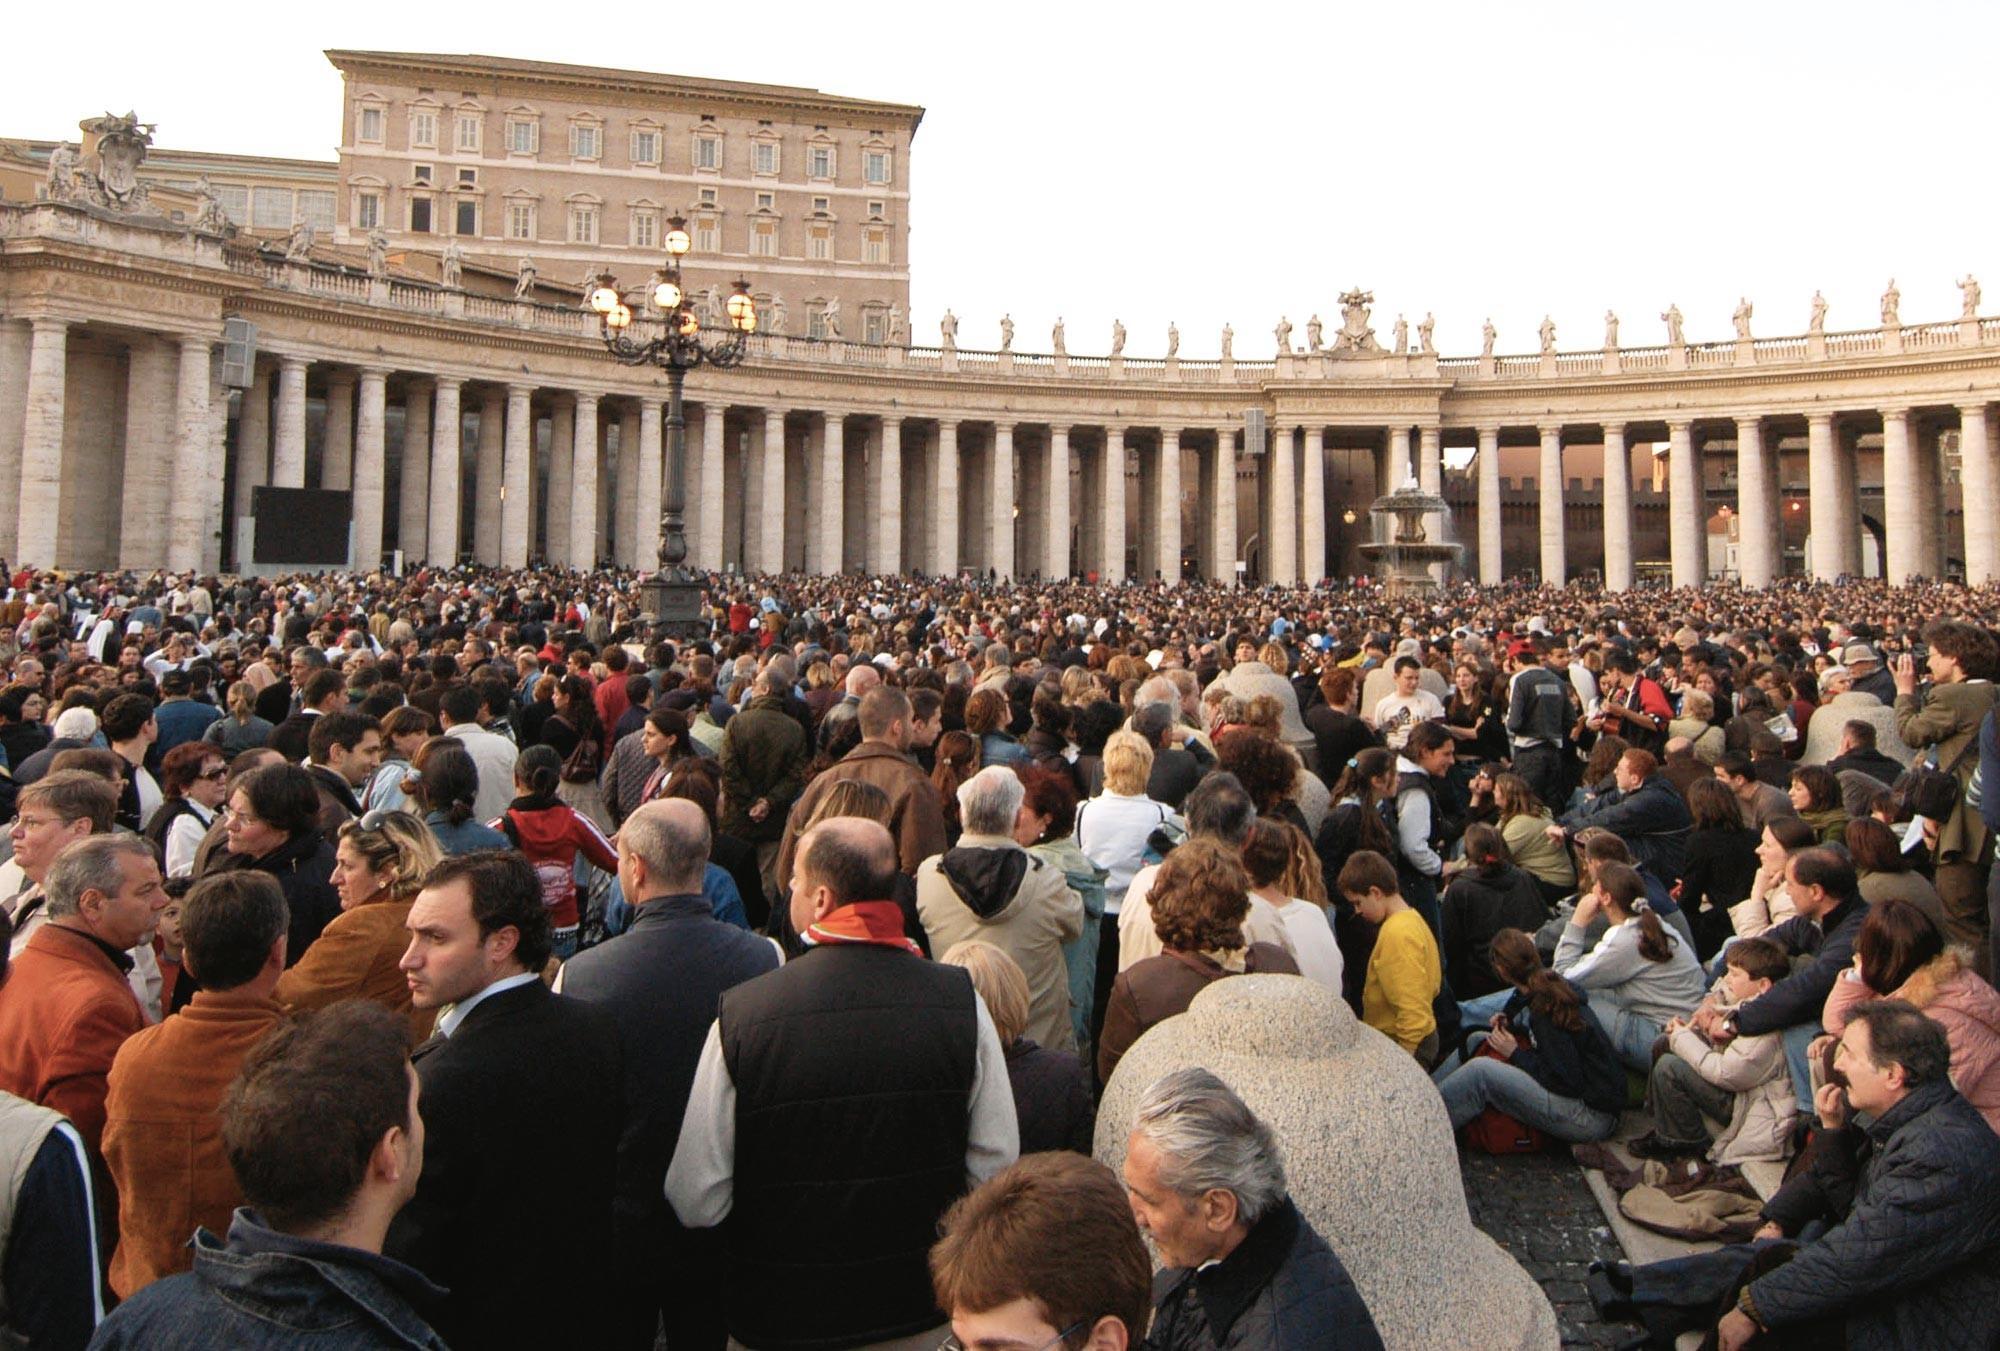 Annonce de l'élection du pape Benoit XVI